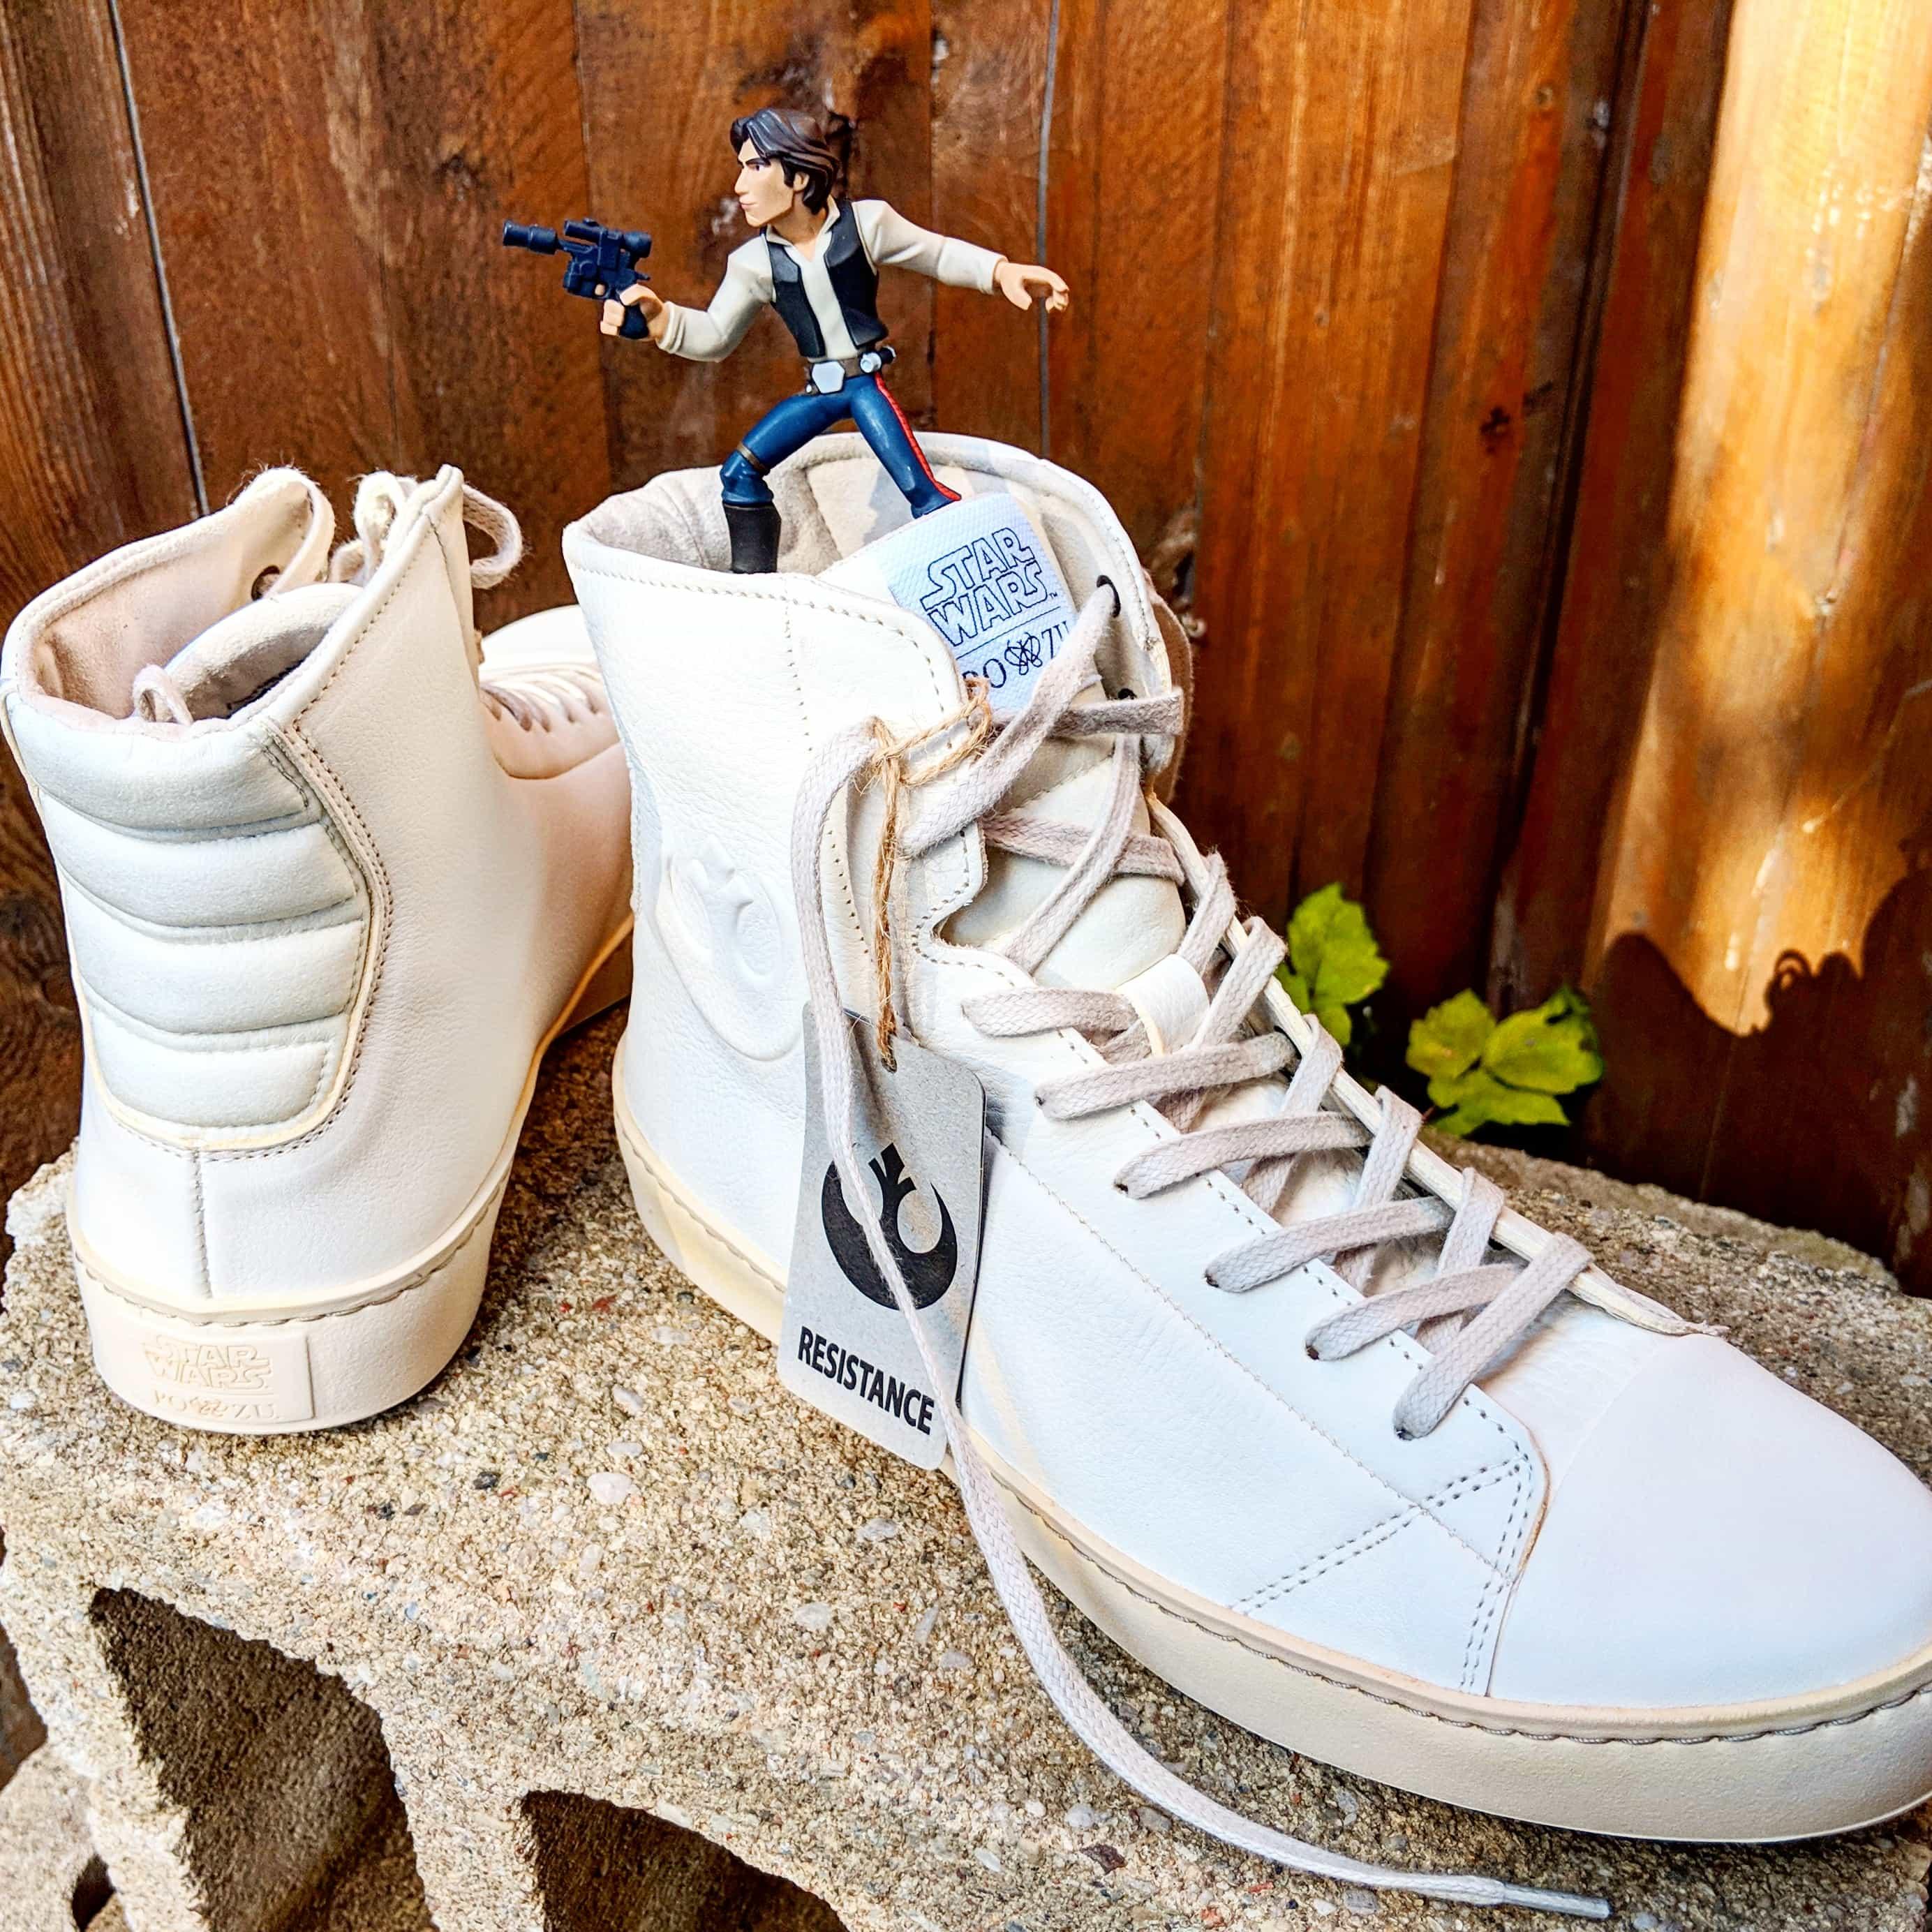 Po Zu Star Wars Shoes